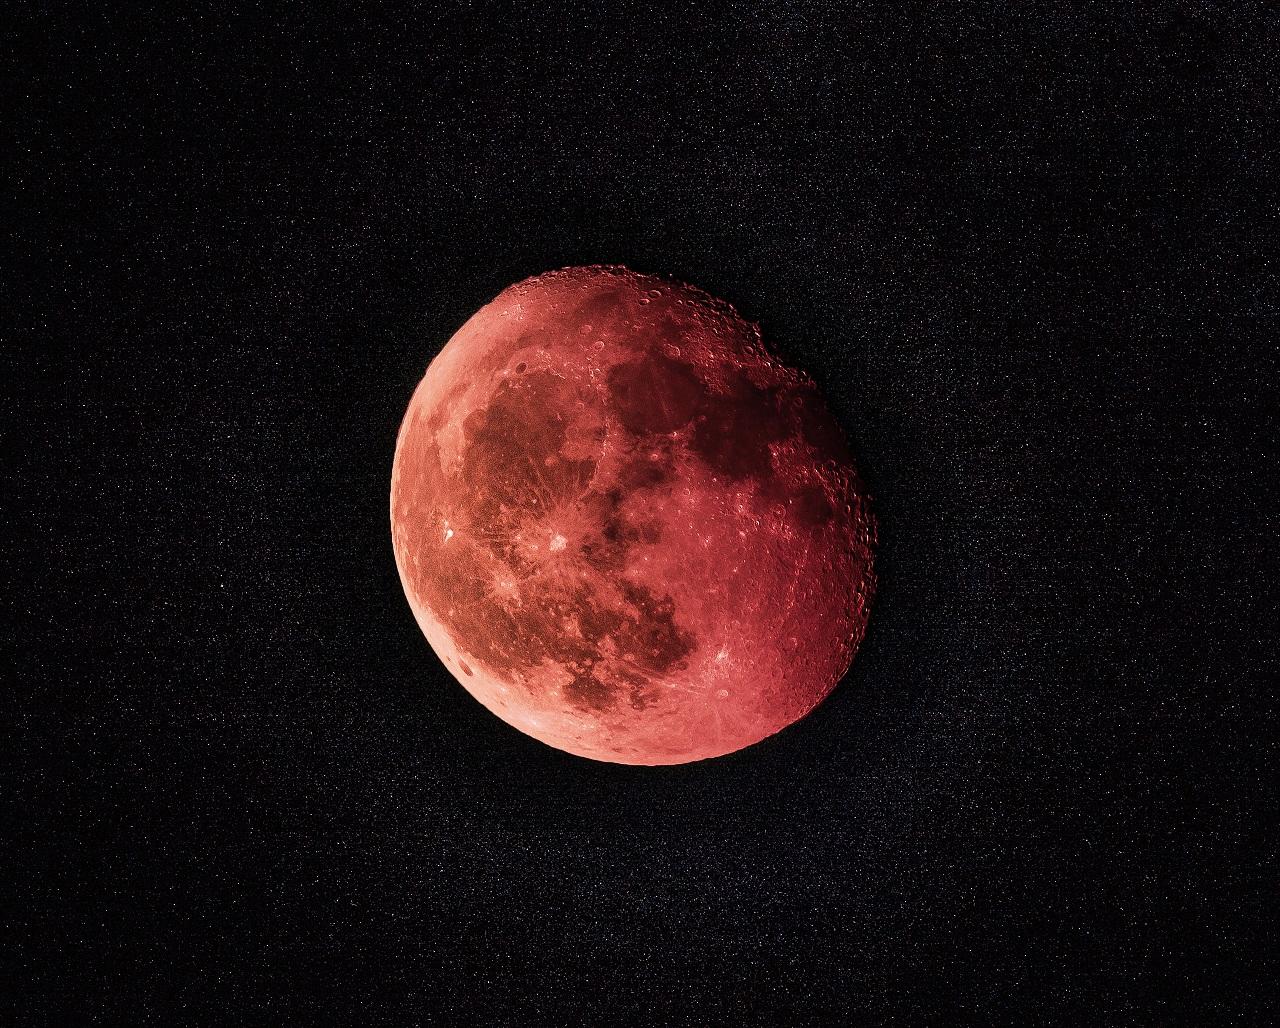 Затмение 2021 года: чем опасна кровавая Луна в мае